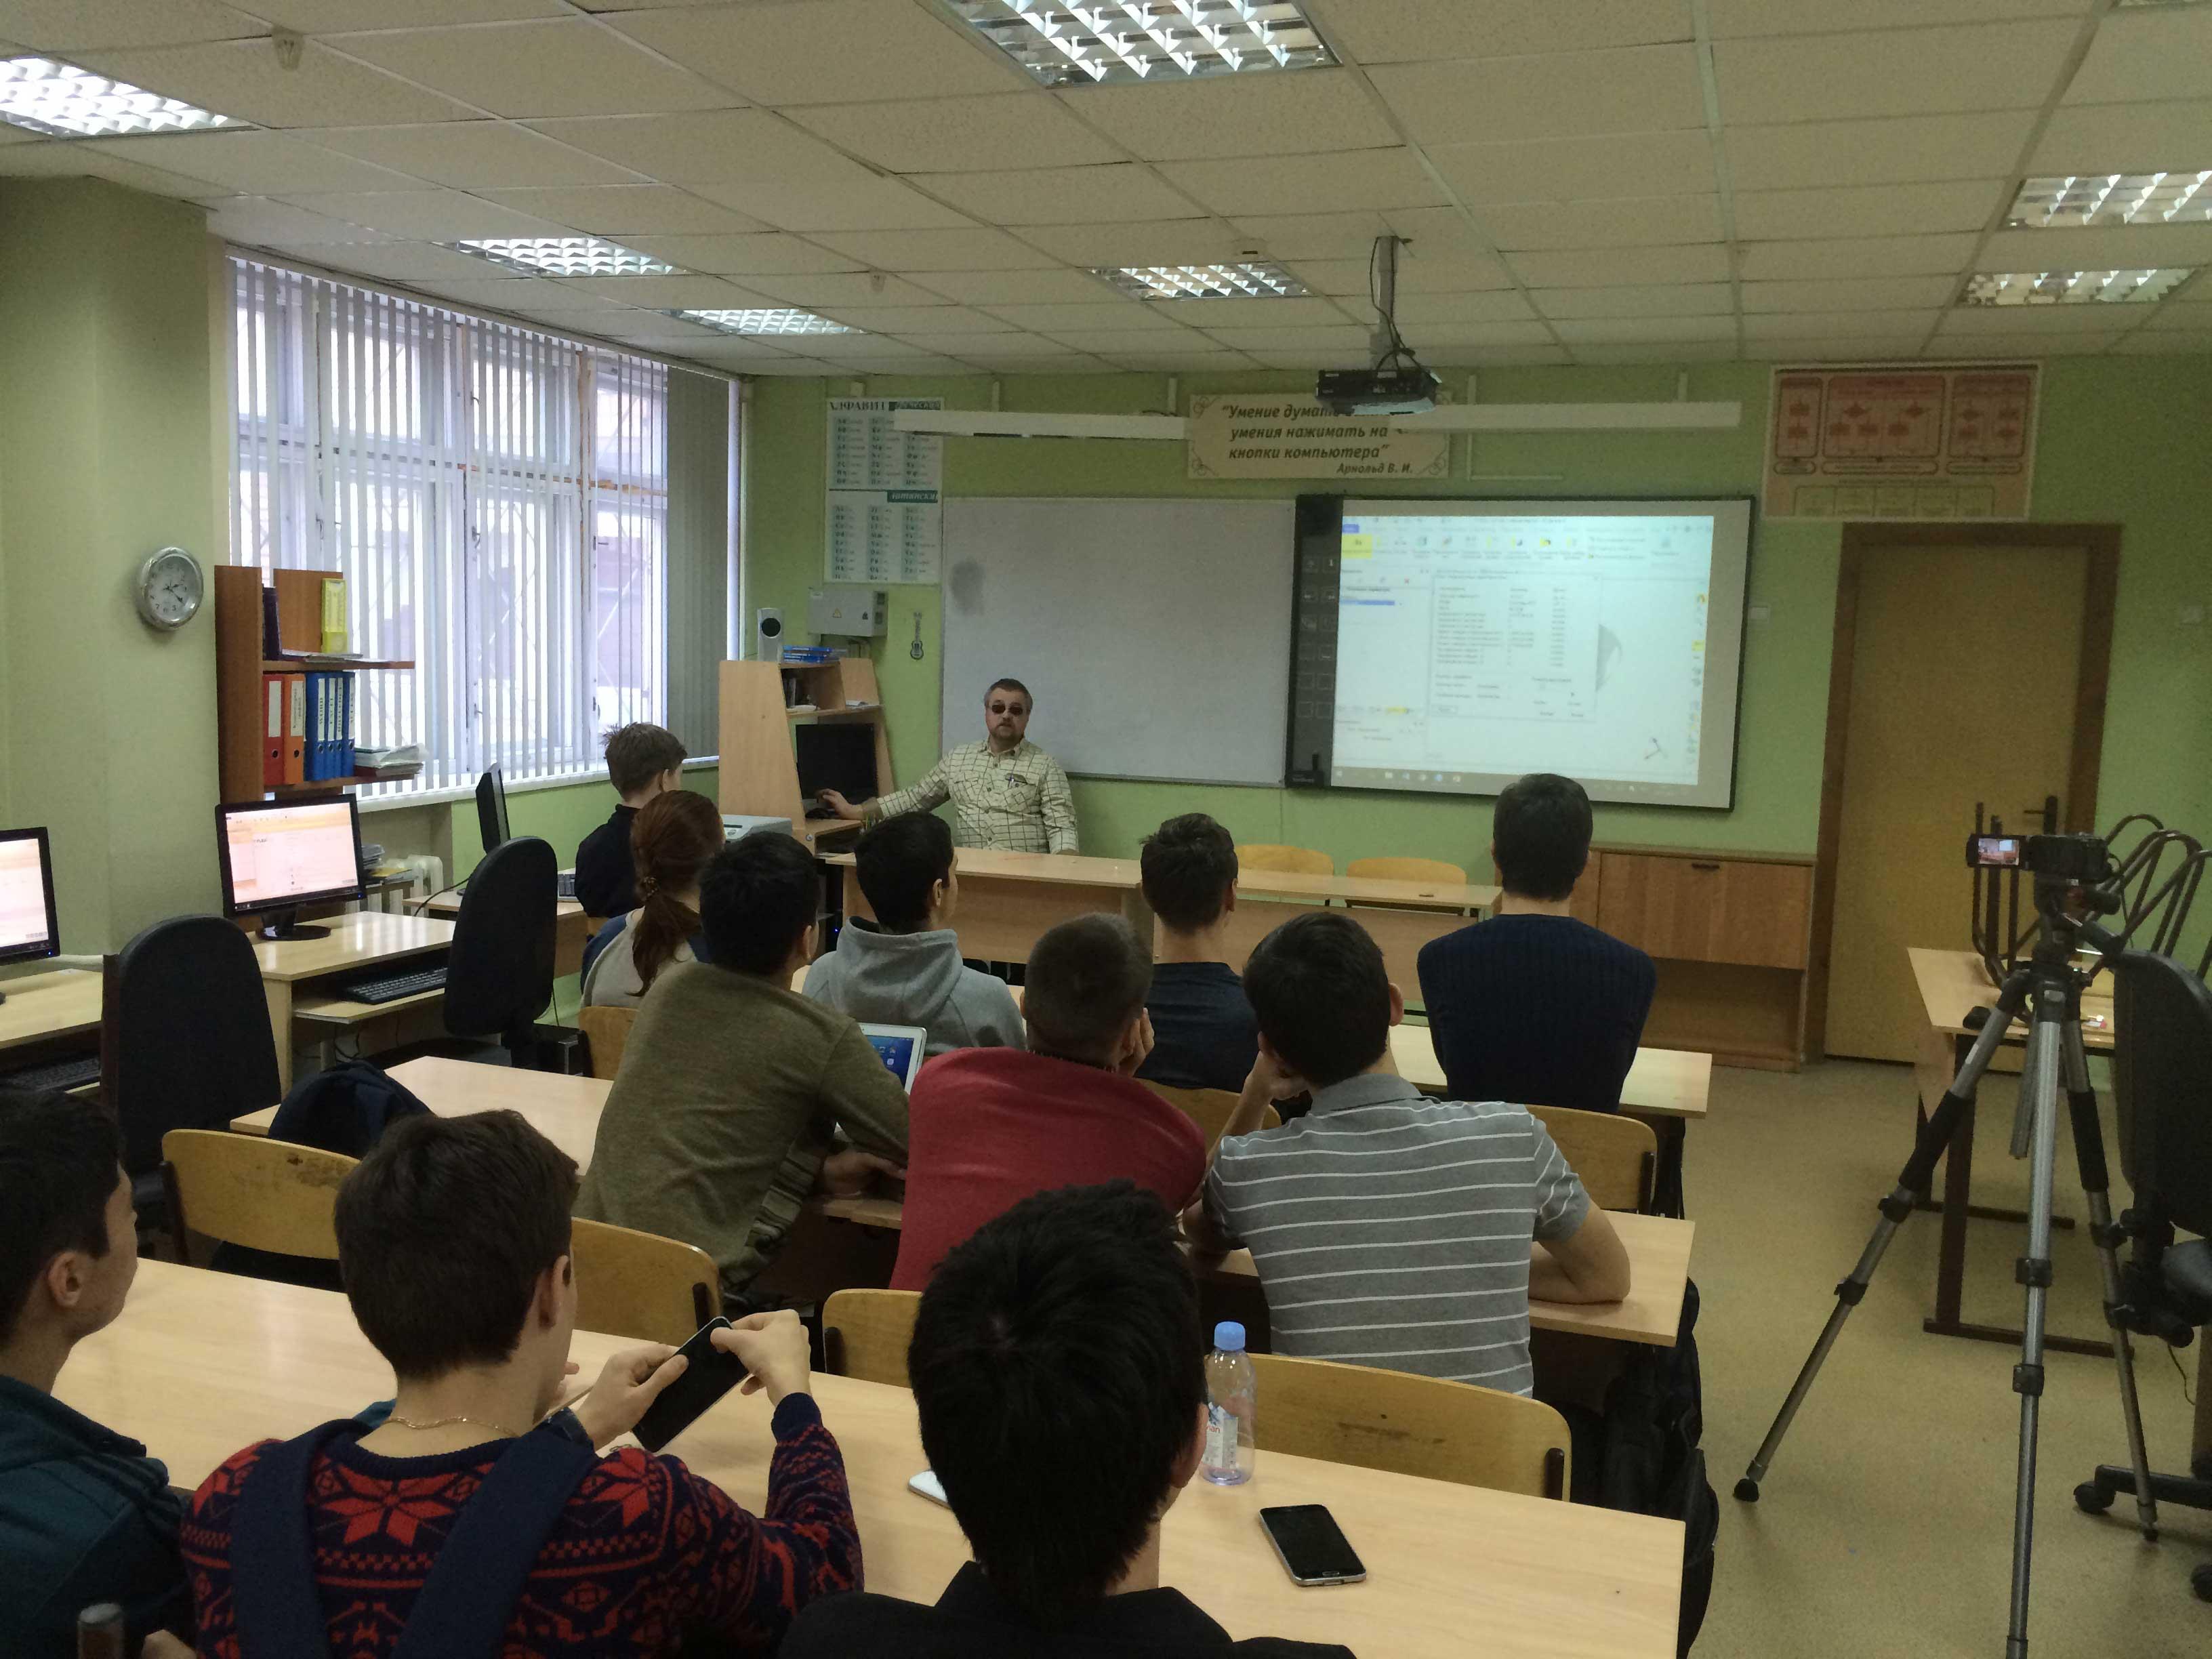 Курс САПР читает инженерному классу сотрудник фирмы Научные развлечения Альберт Цуцких